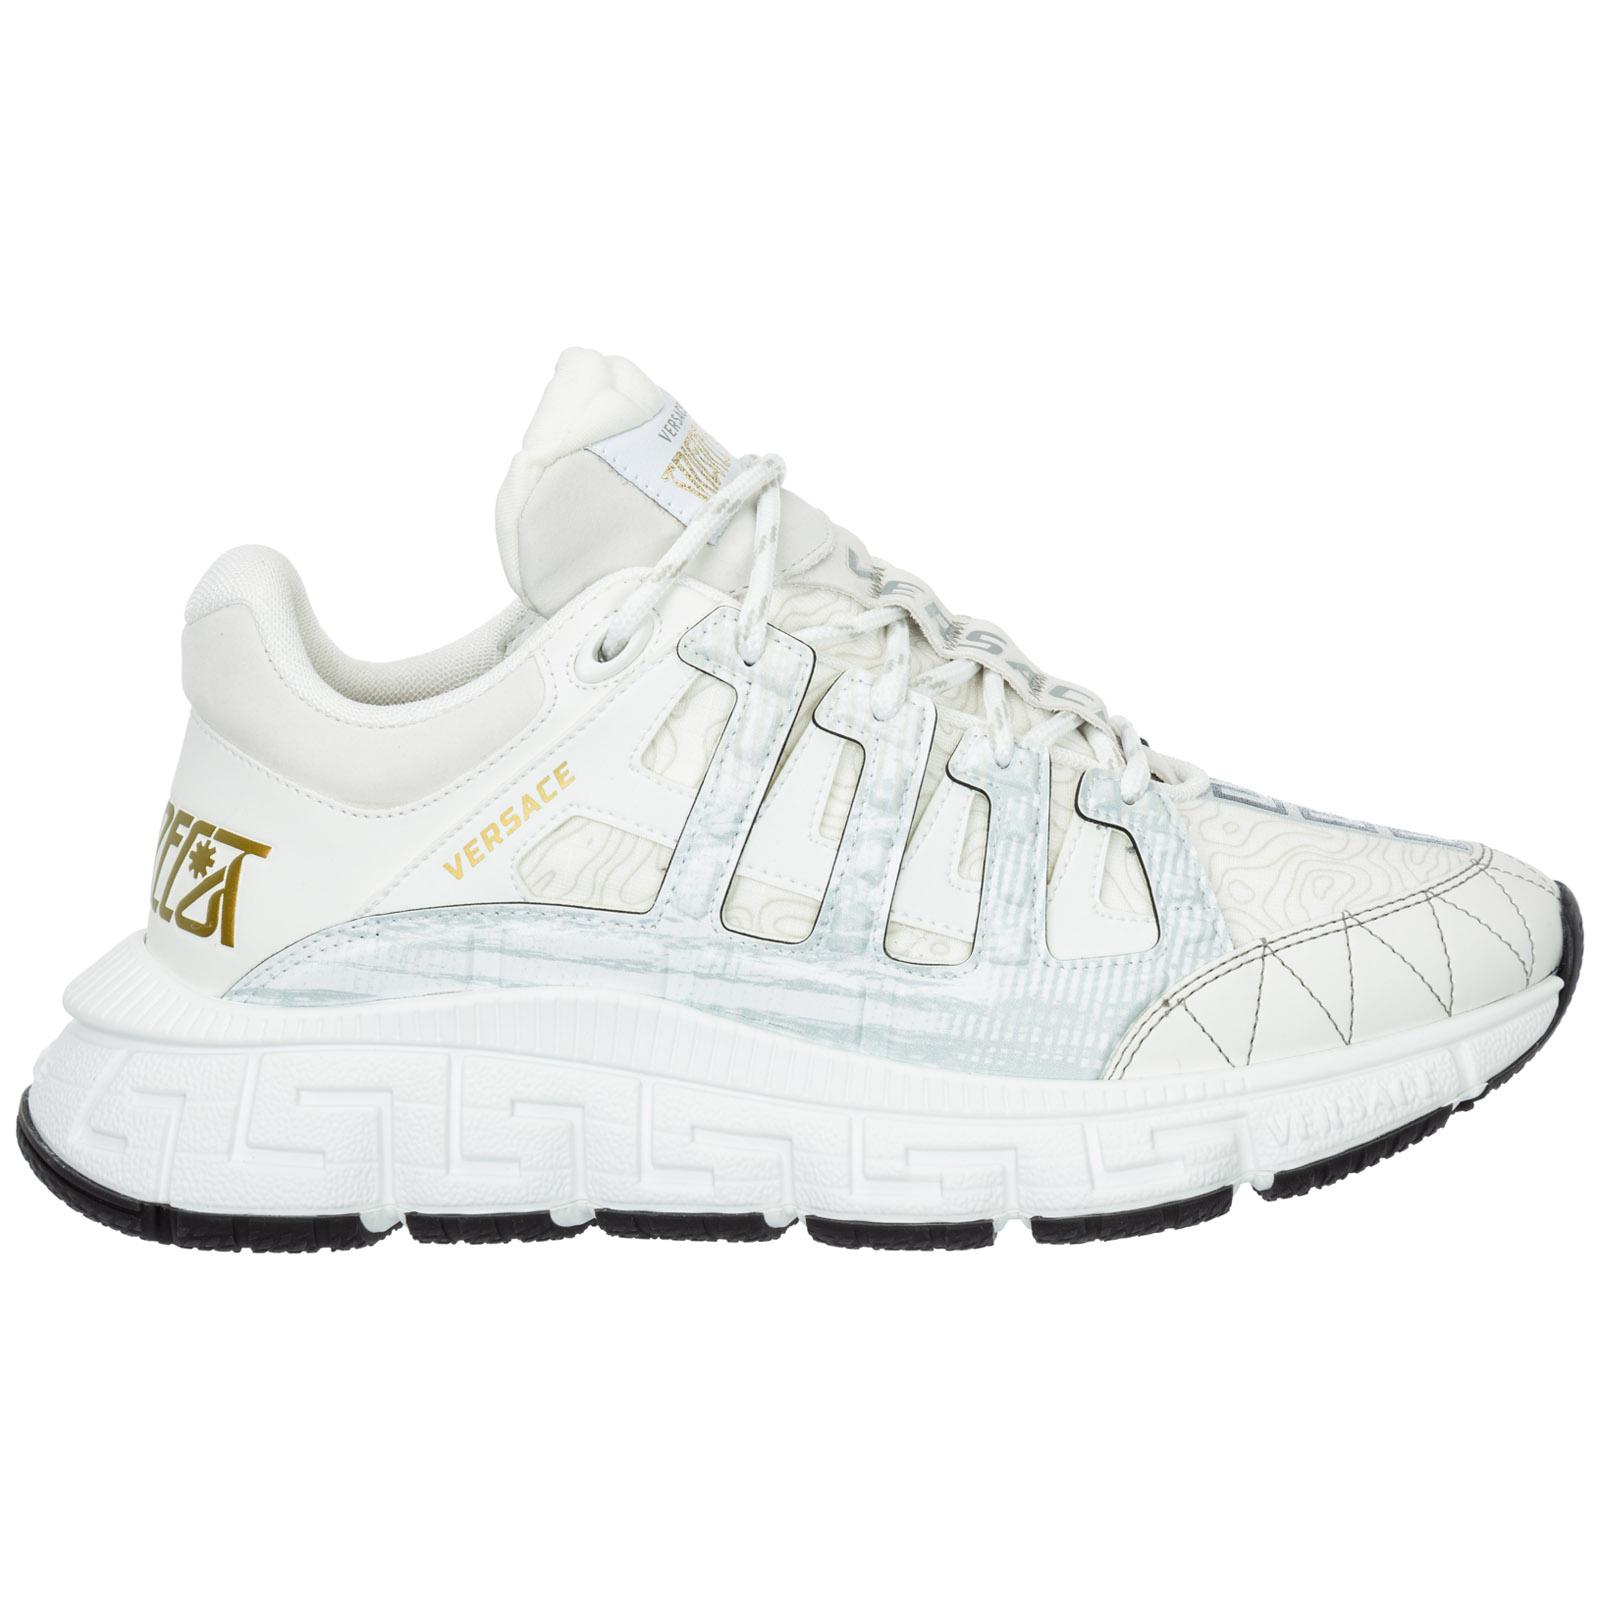 Versace Sneakers MEN'S SHOES TRAINERS SNEAKERS  TRIGRECA